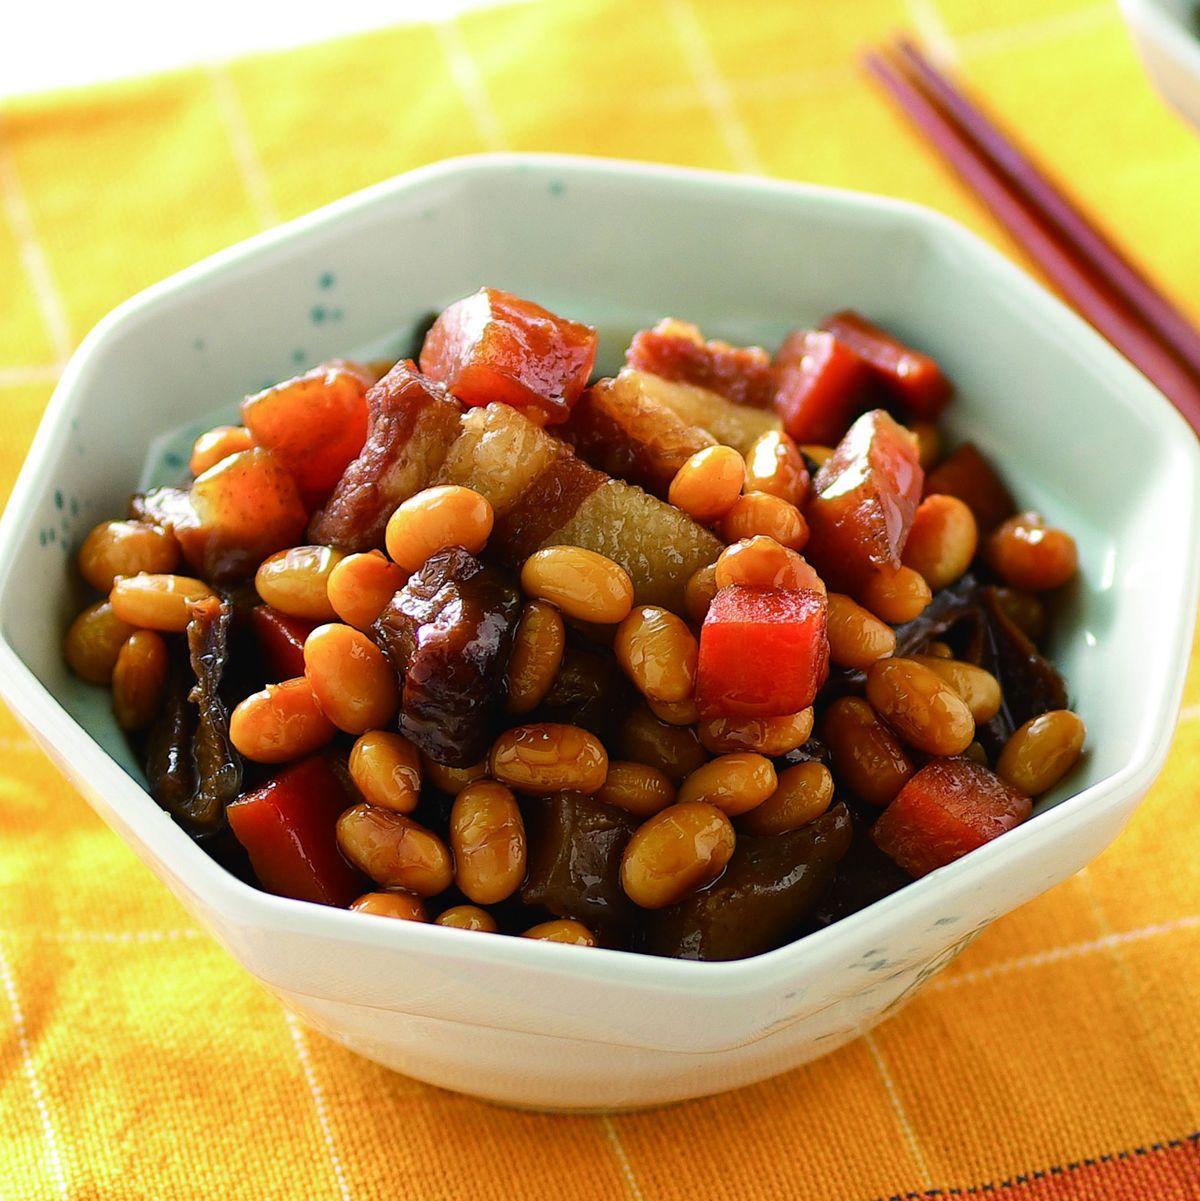 食譜:大豆滷肉丁